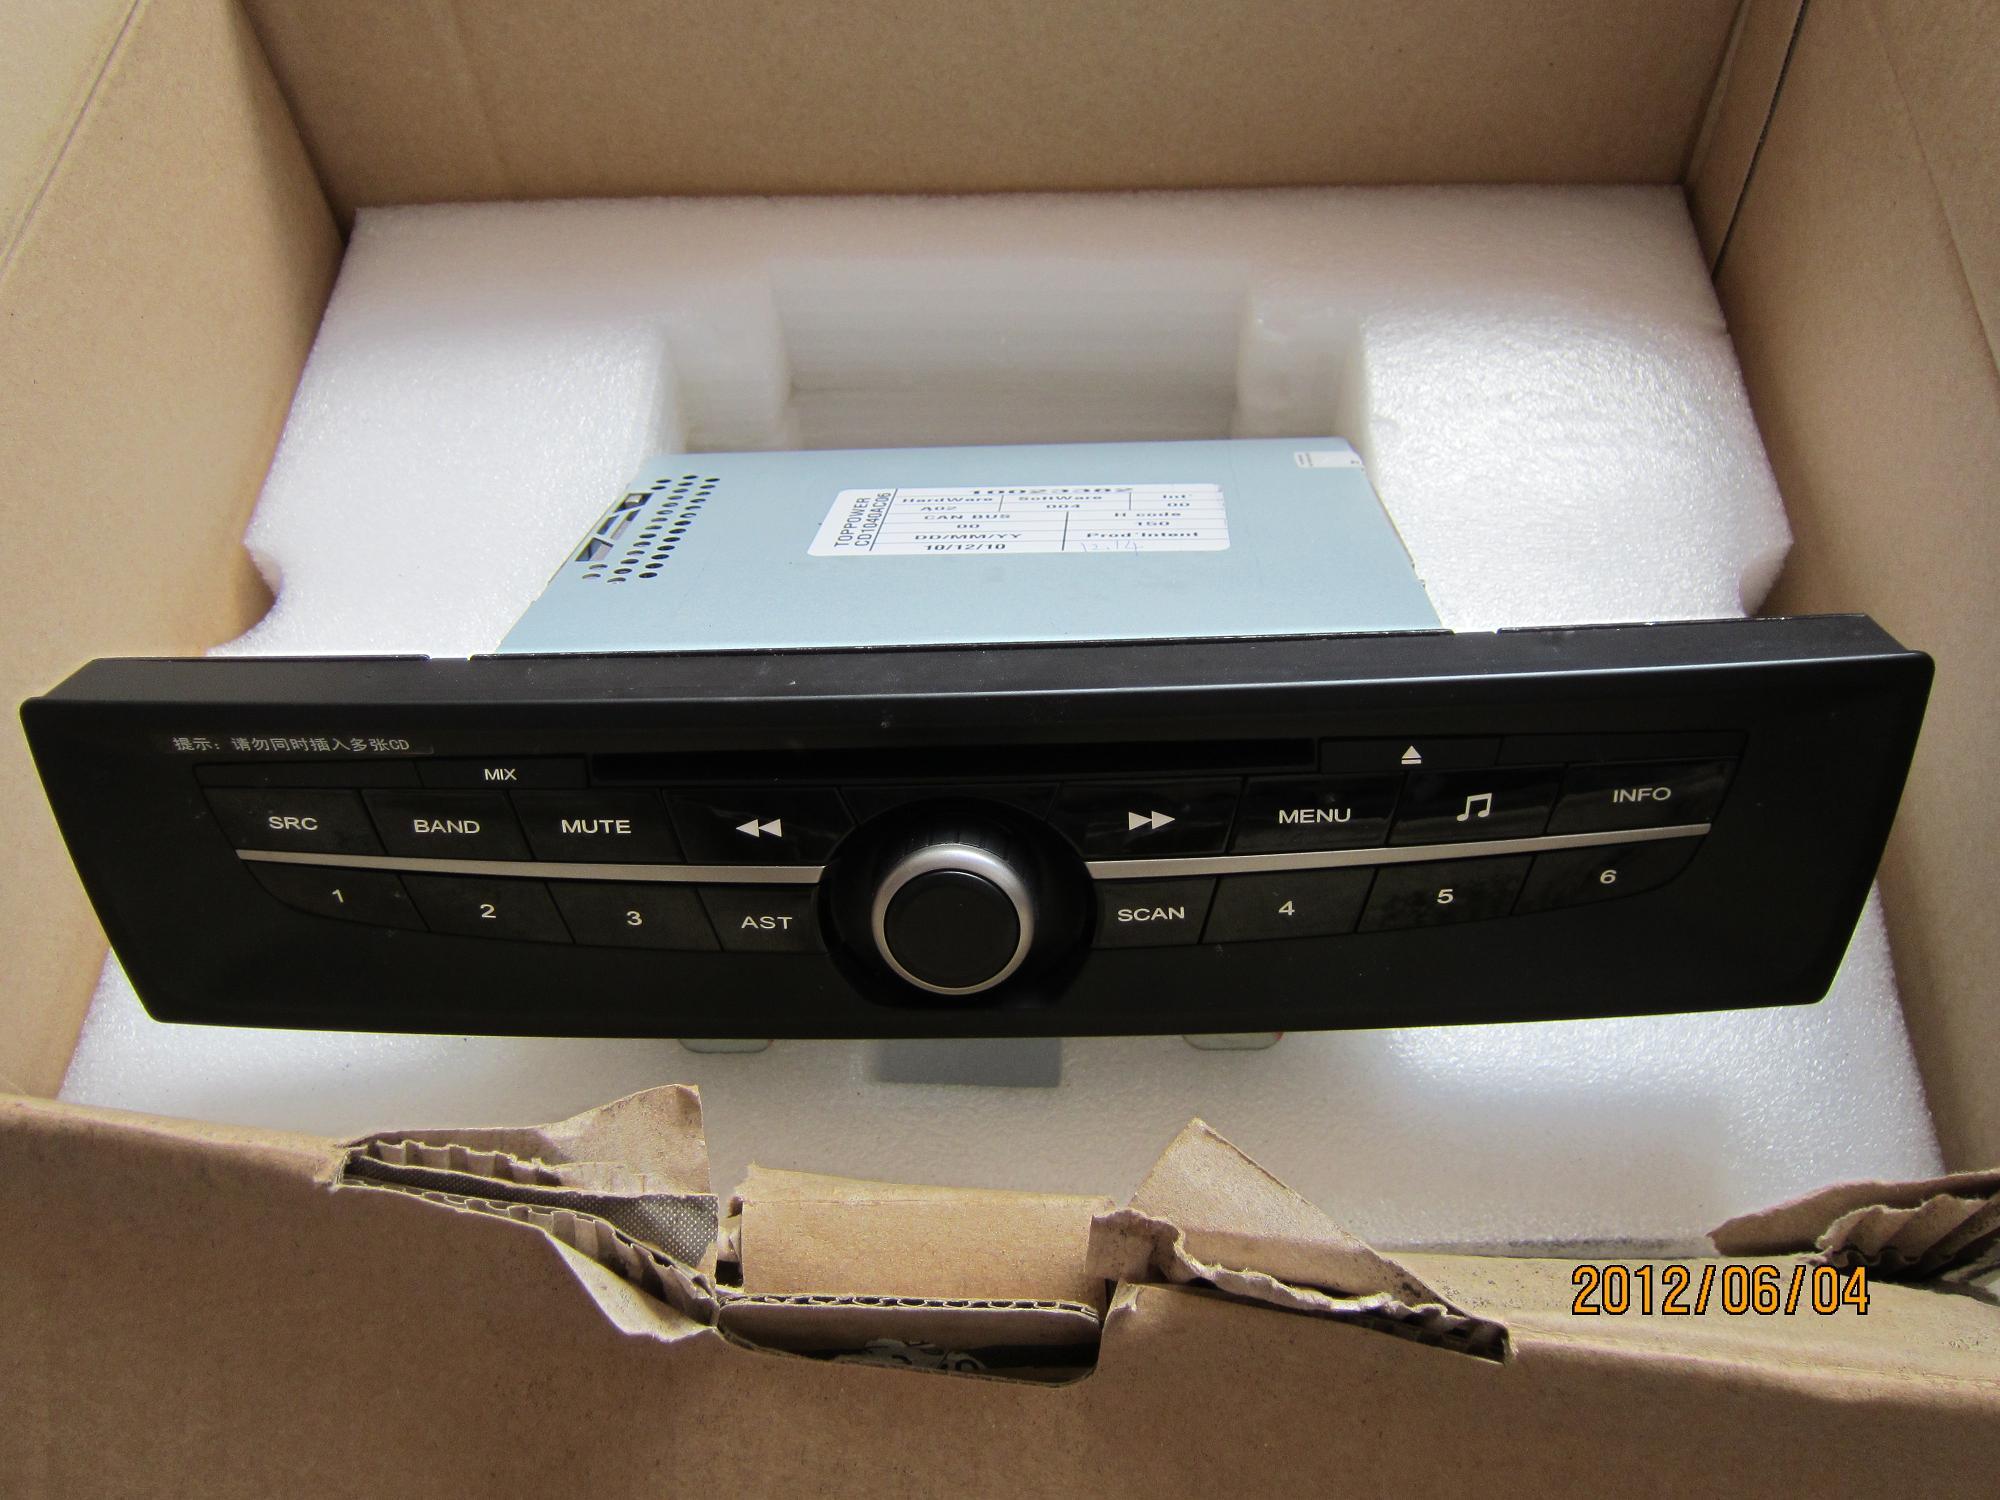 血拼低价 25元出售 mg6 cd机高清图片